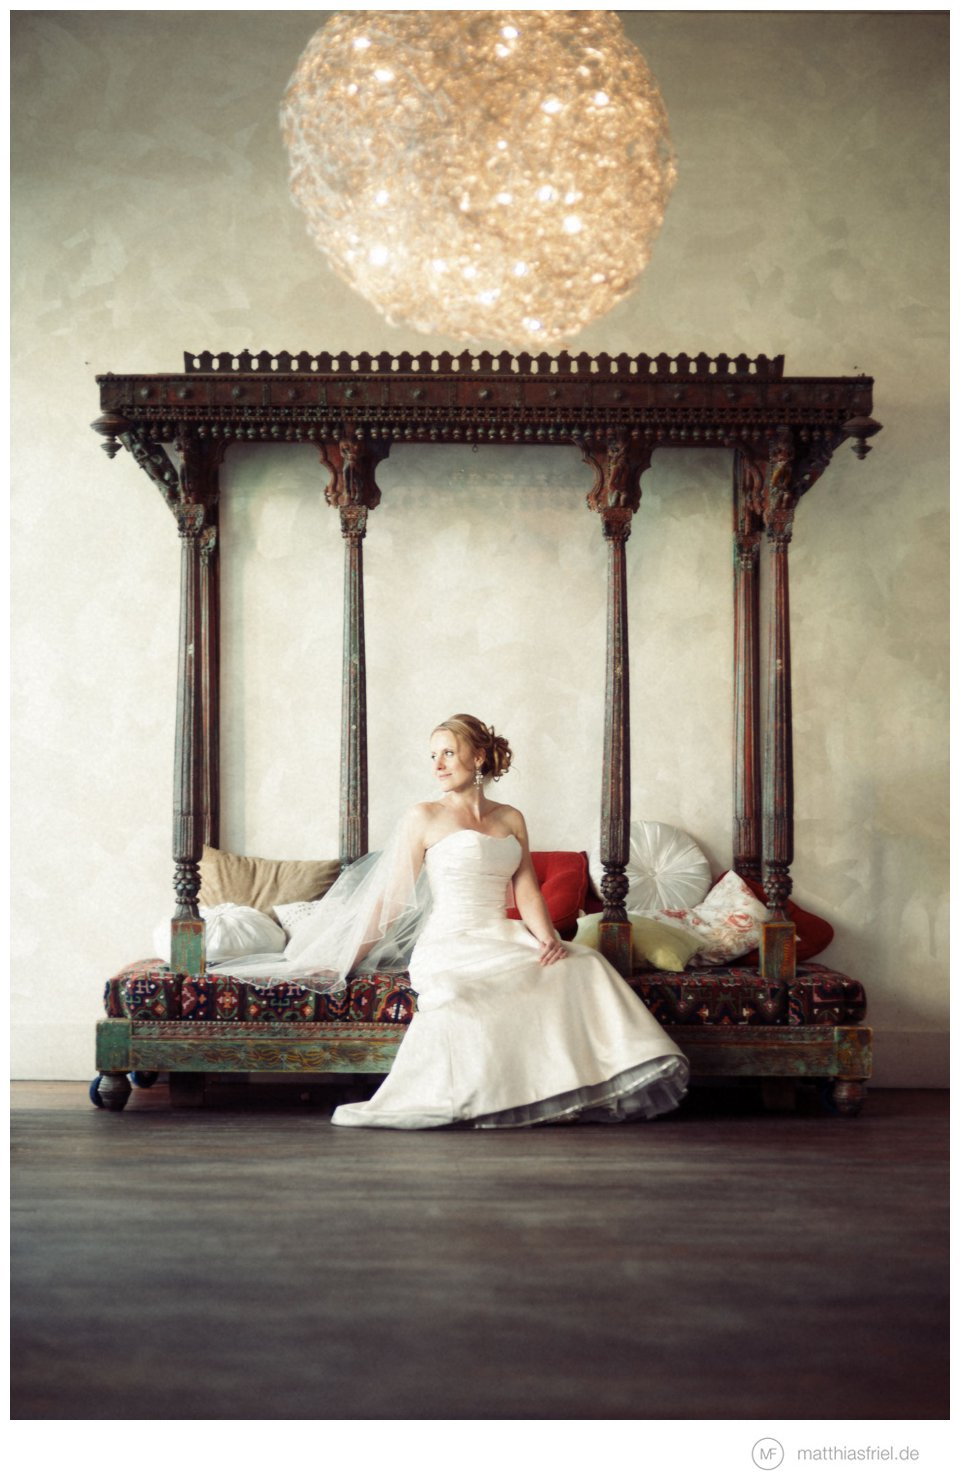 wedding australia adelaide melita matthias friel